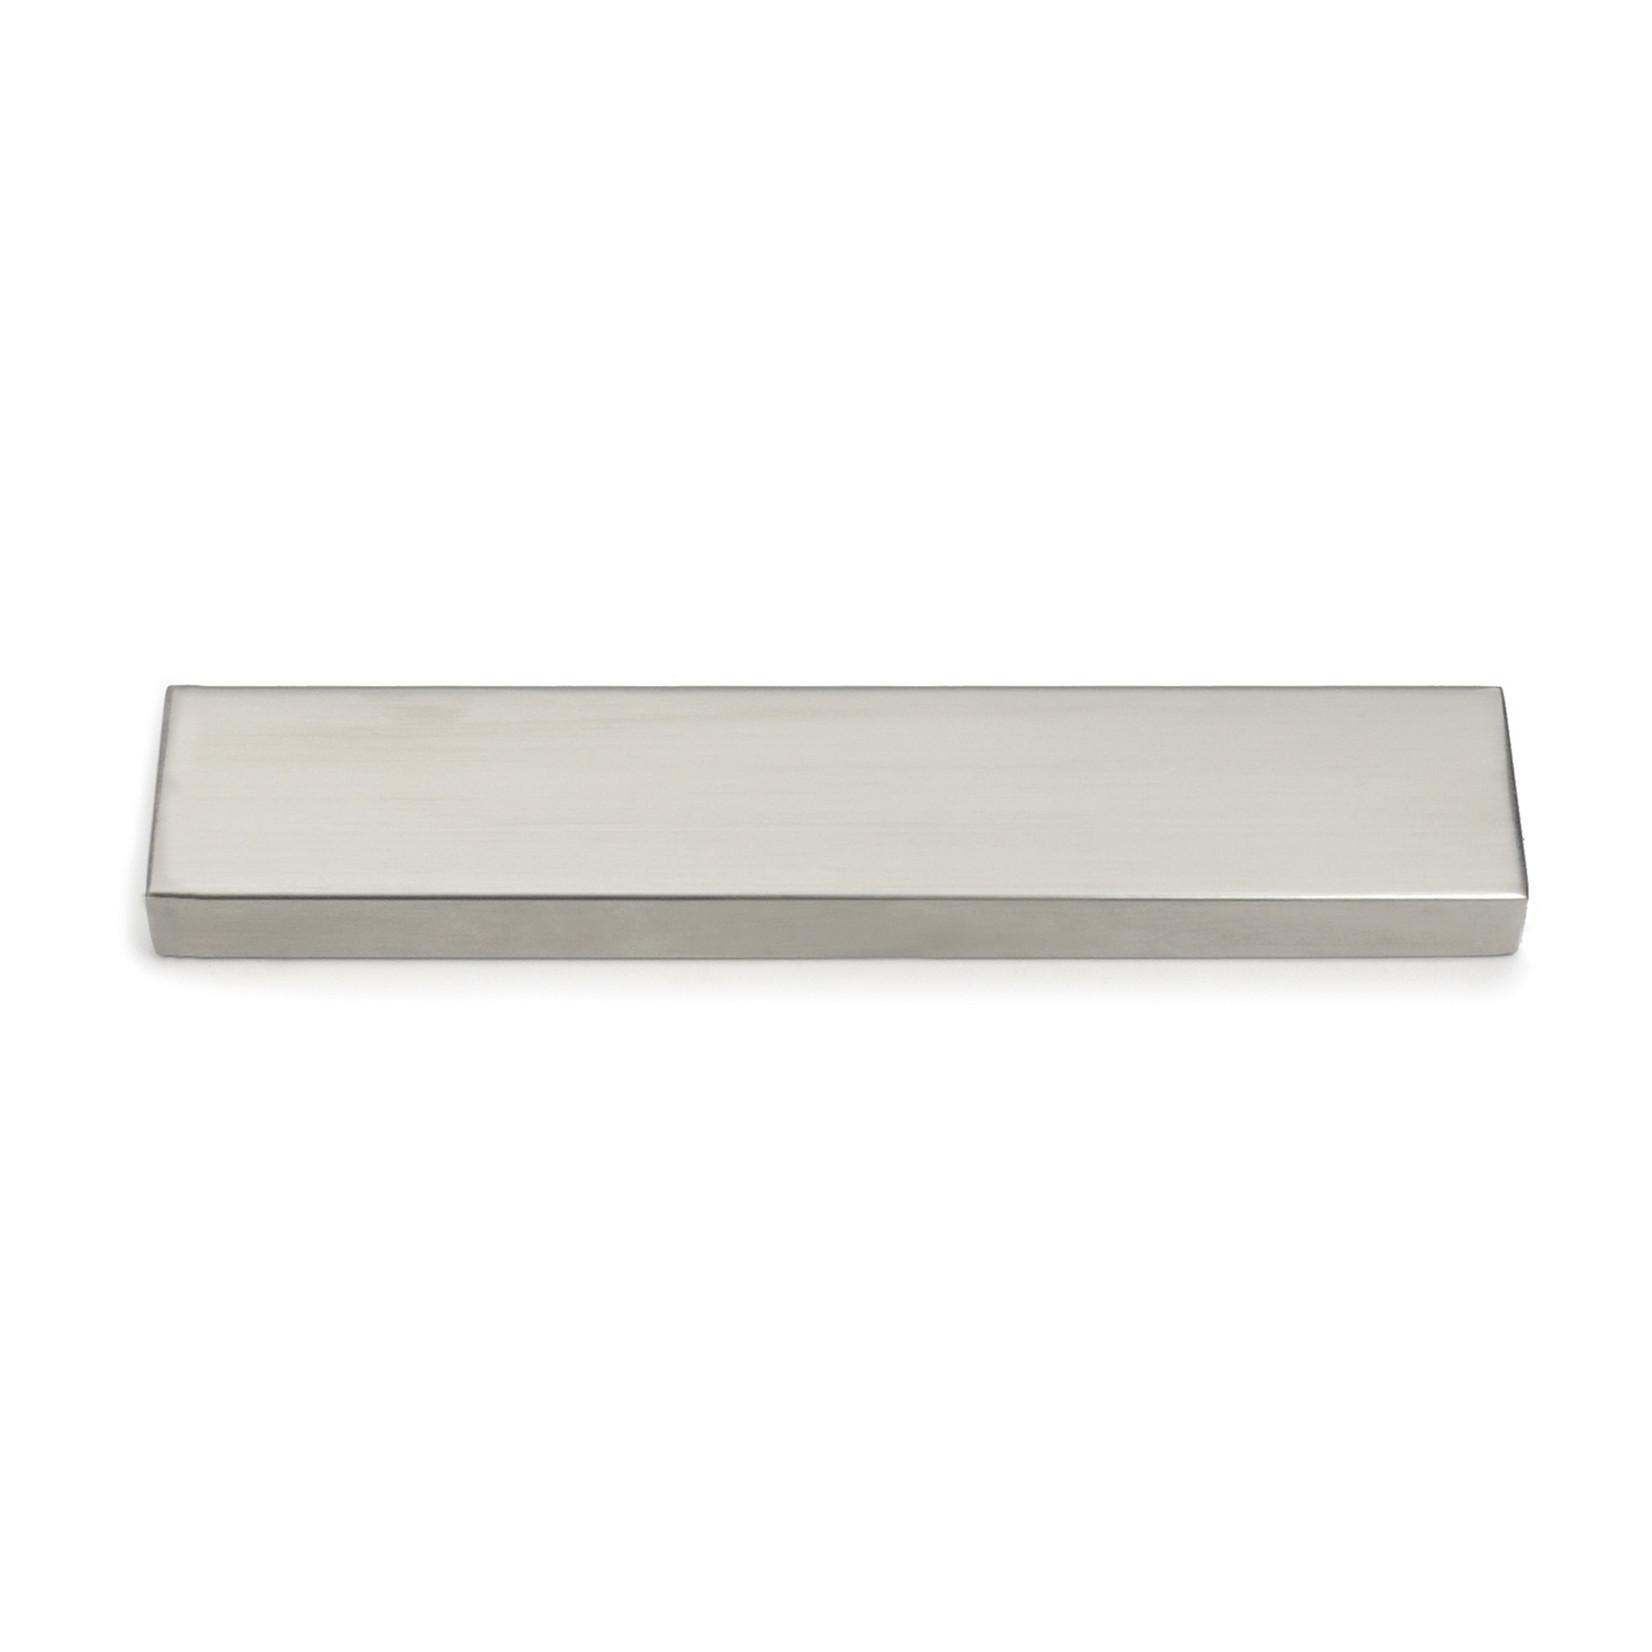 RSVP International Endurance Deluxe Magnetic Knife Bar